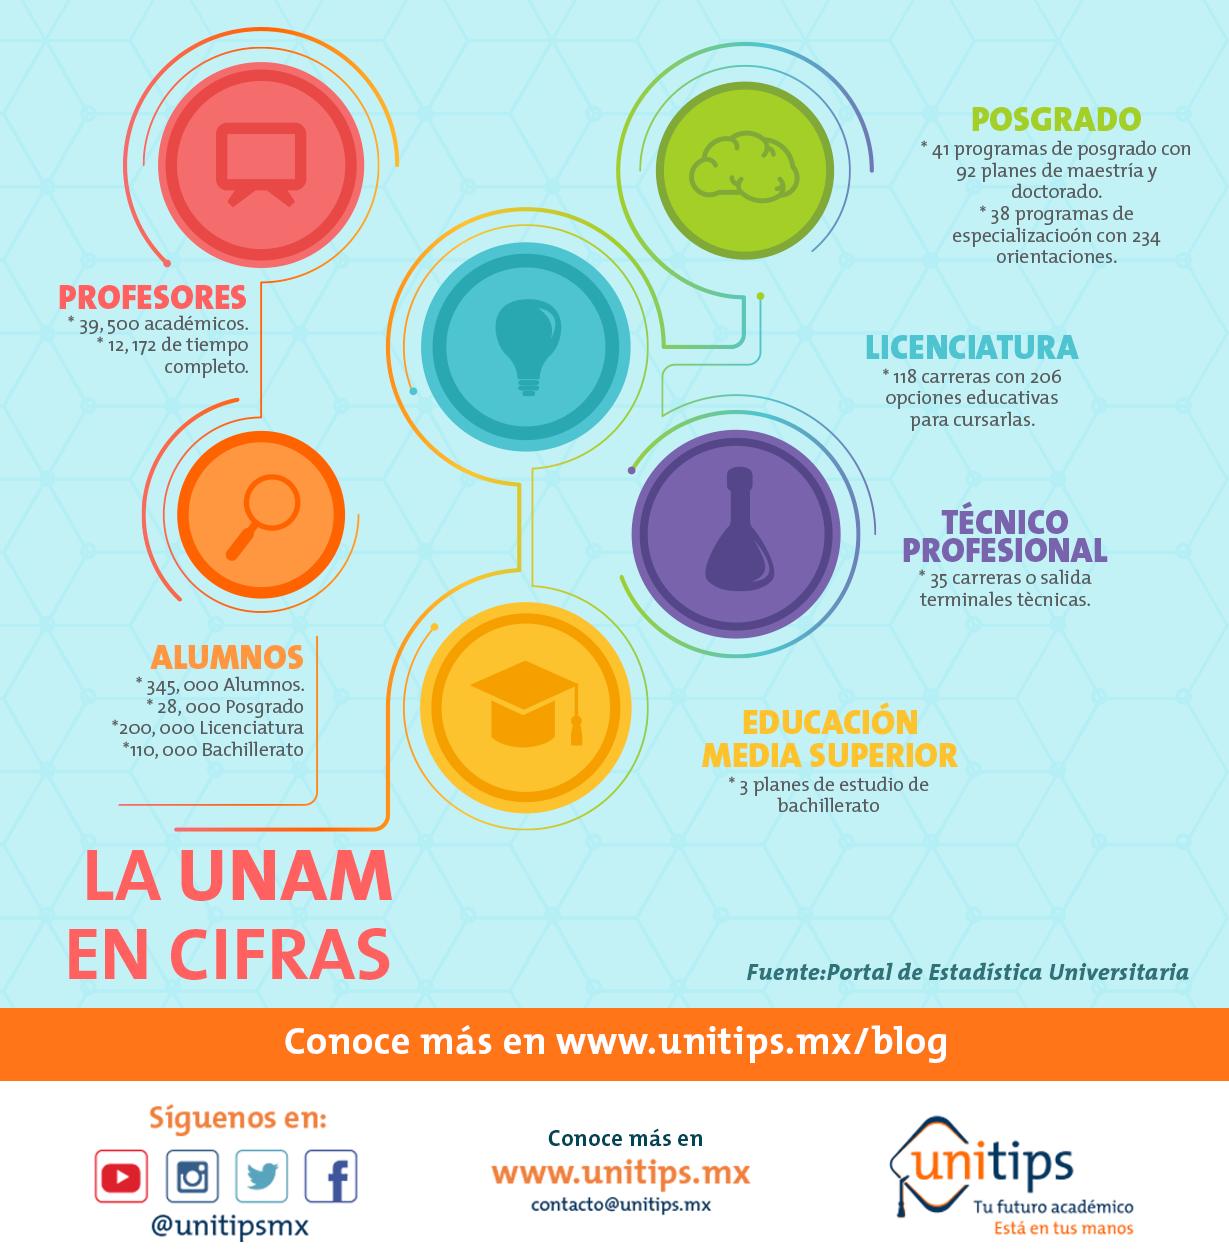 La UNAM en cifras